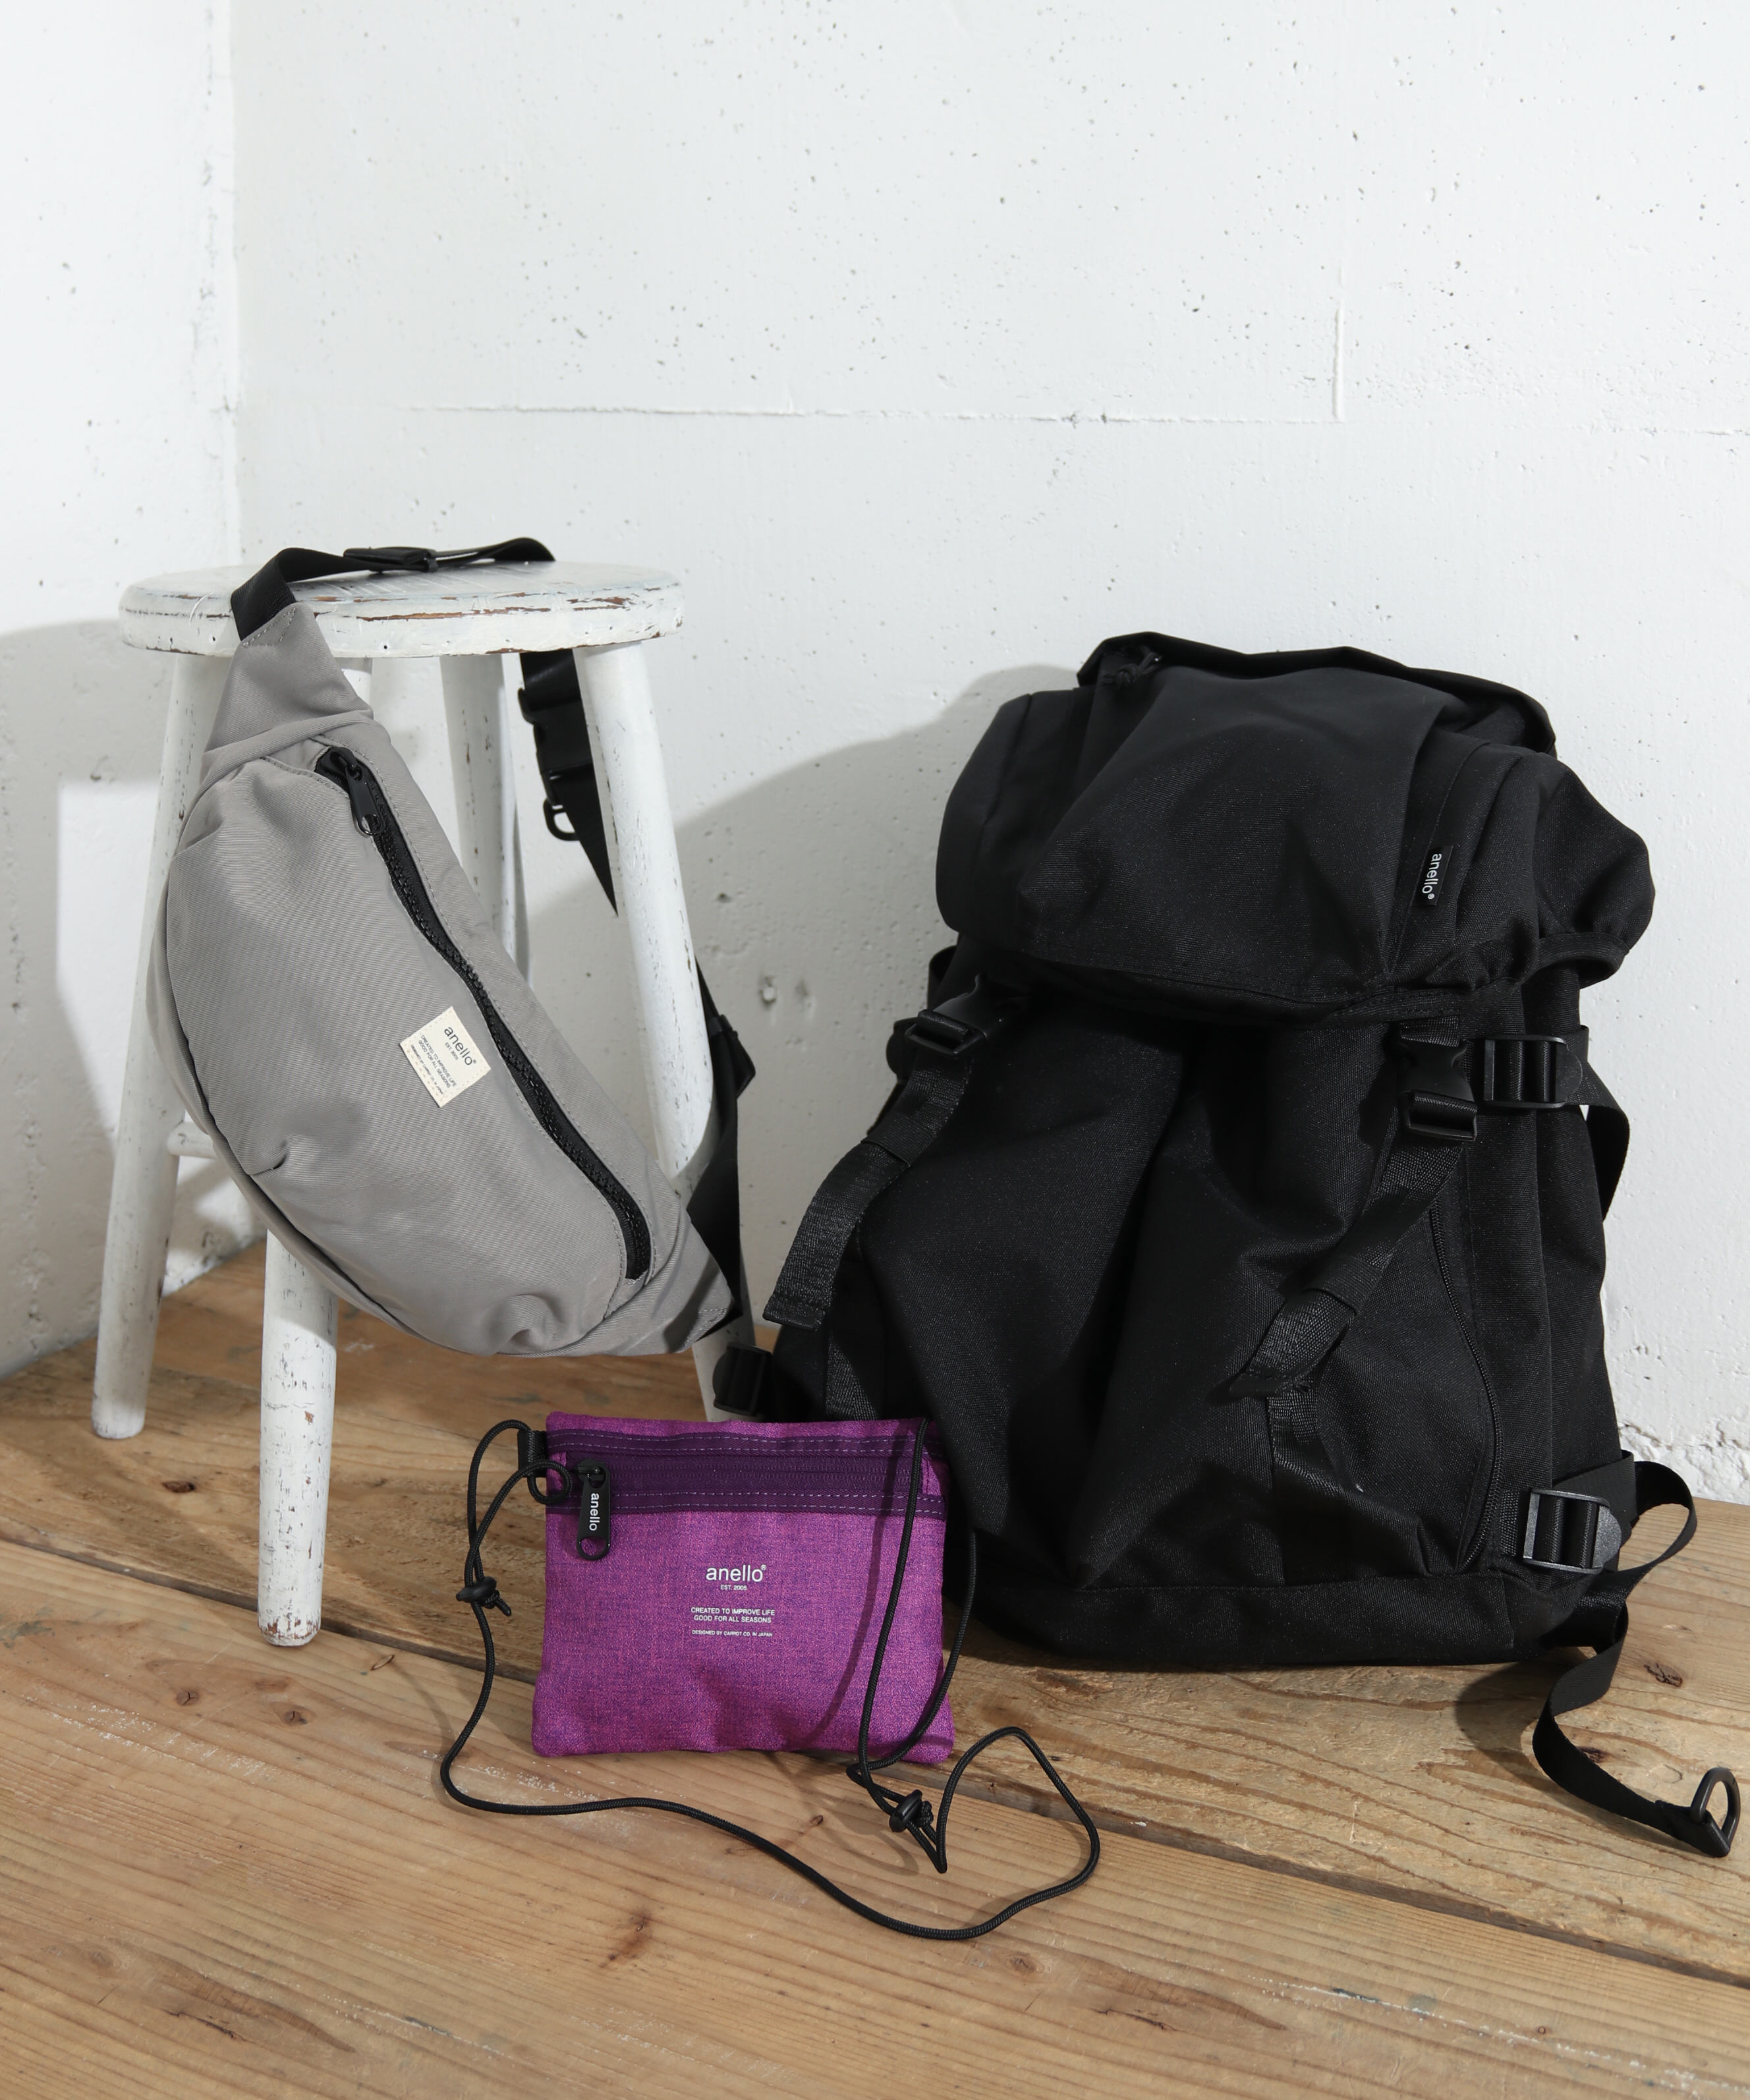 anello Bag Collection